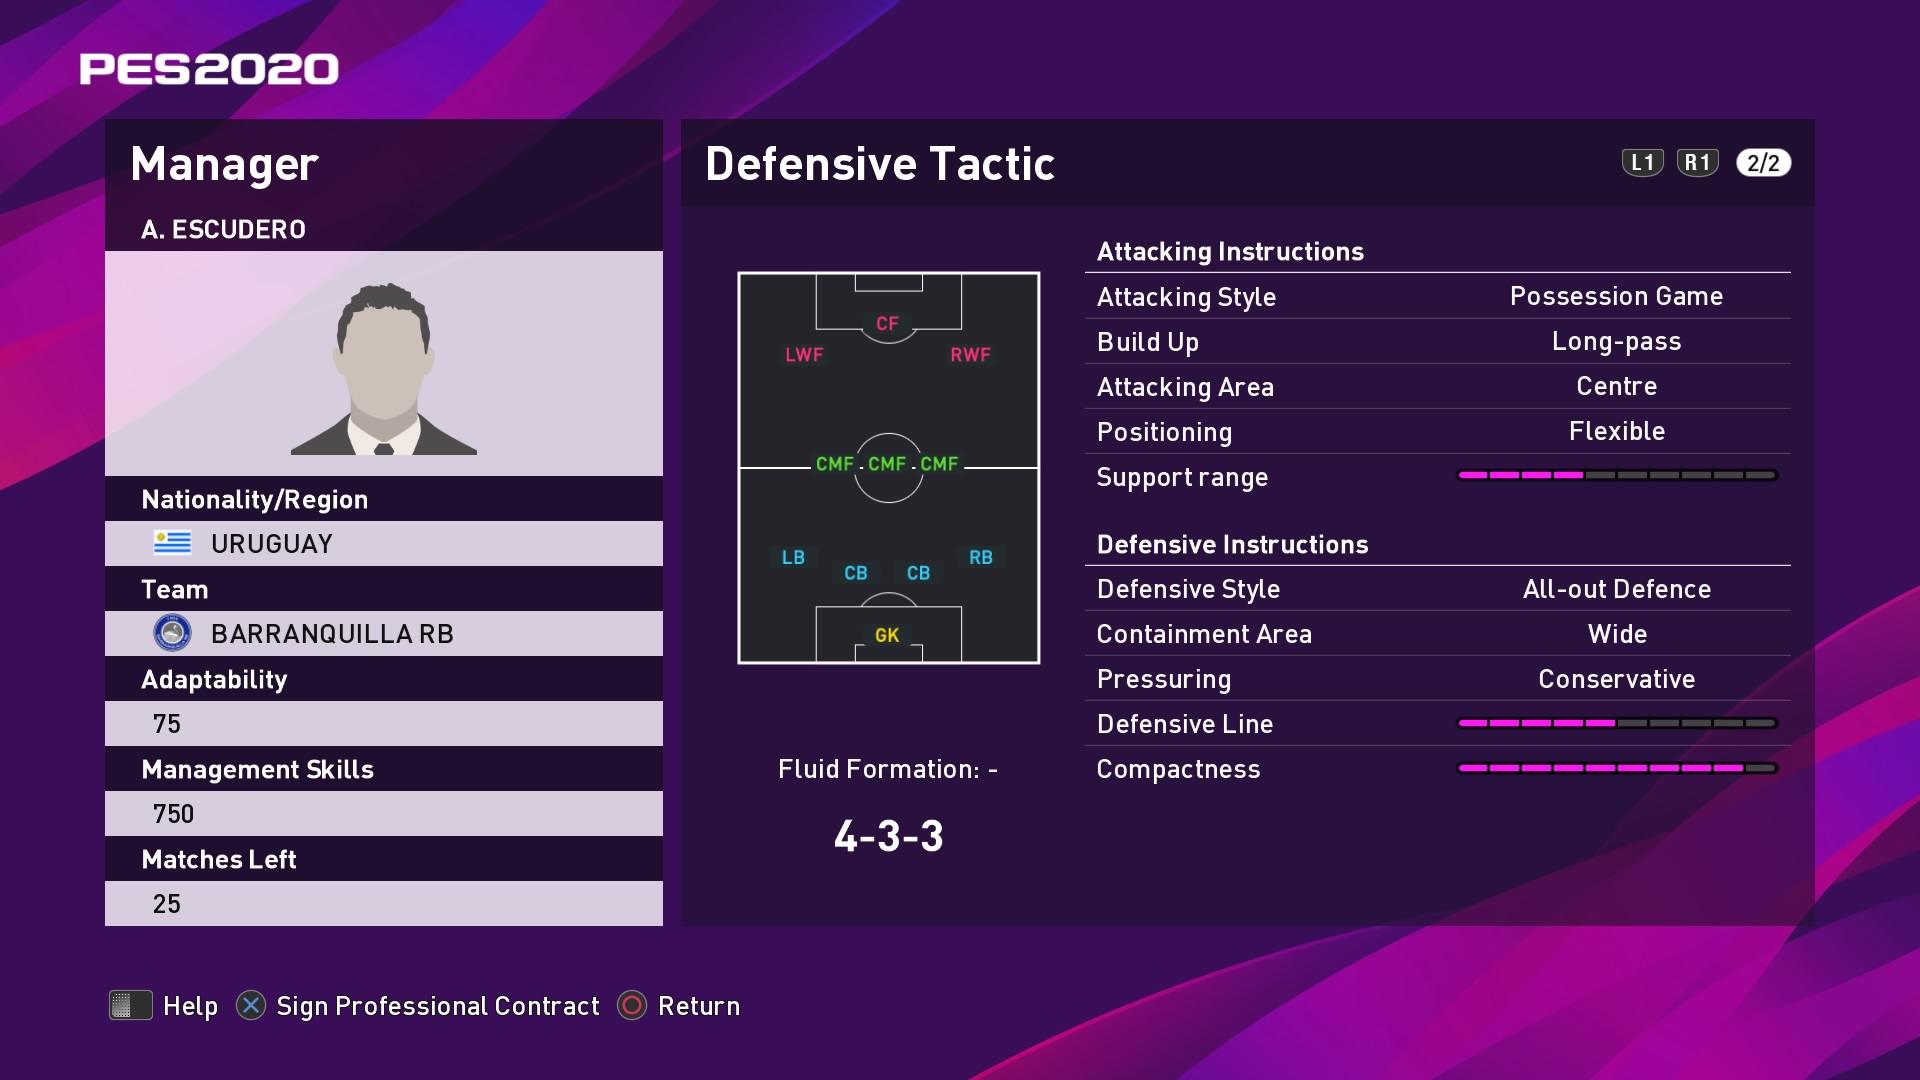 A. Escudero (Julio Comesaña) Defensive Tactic in PES 2020 myClub